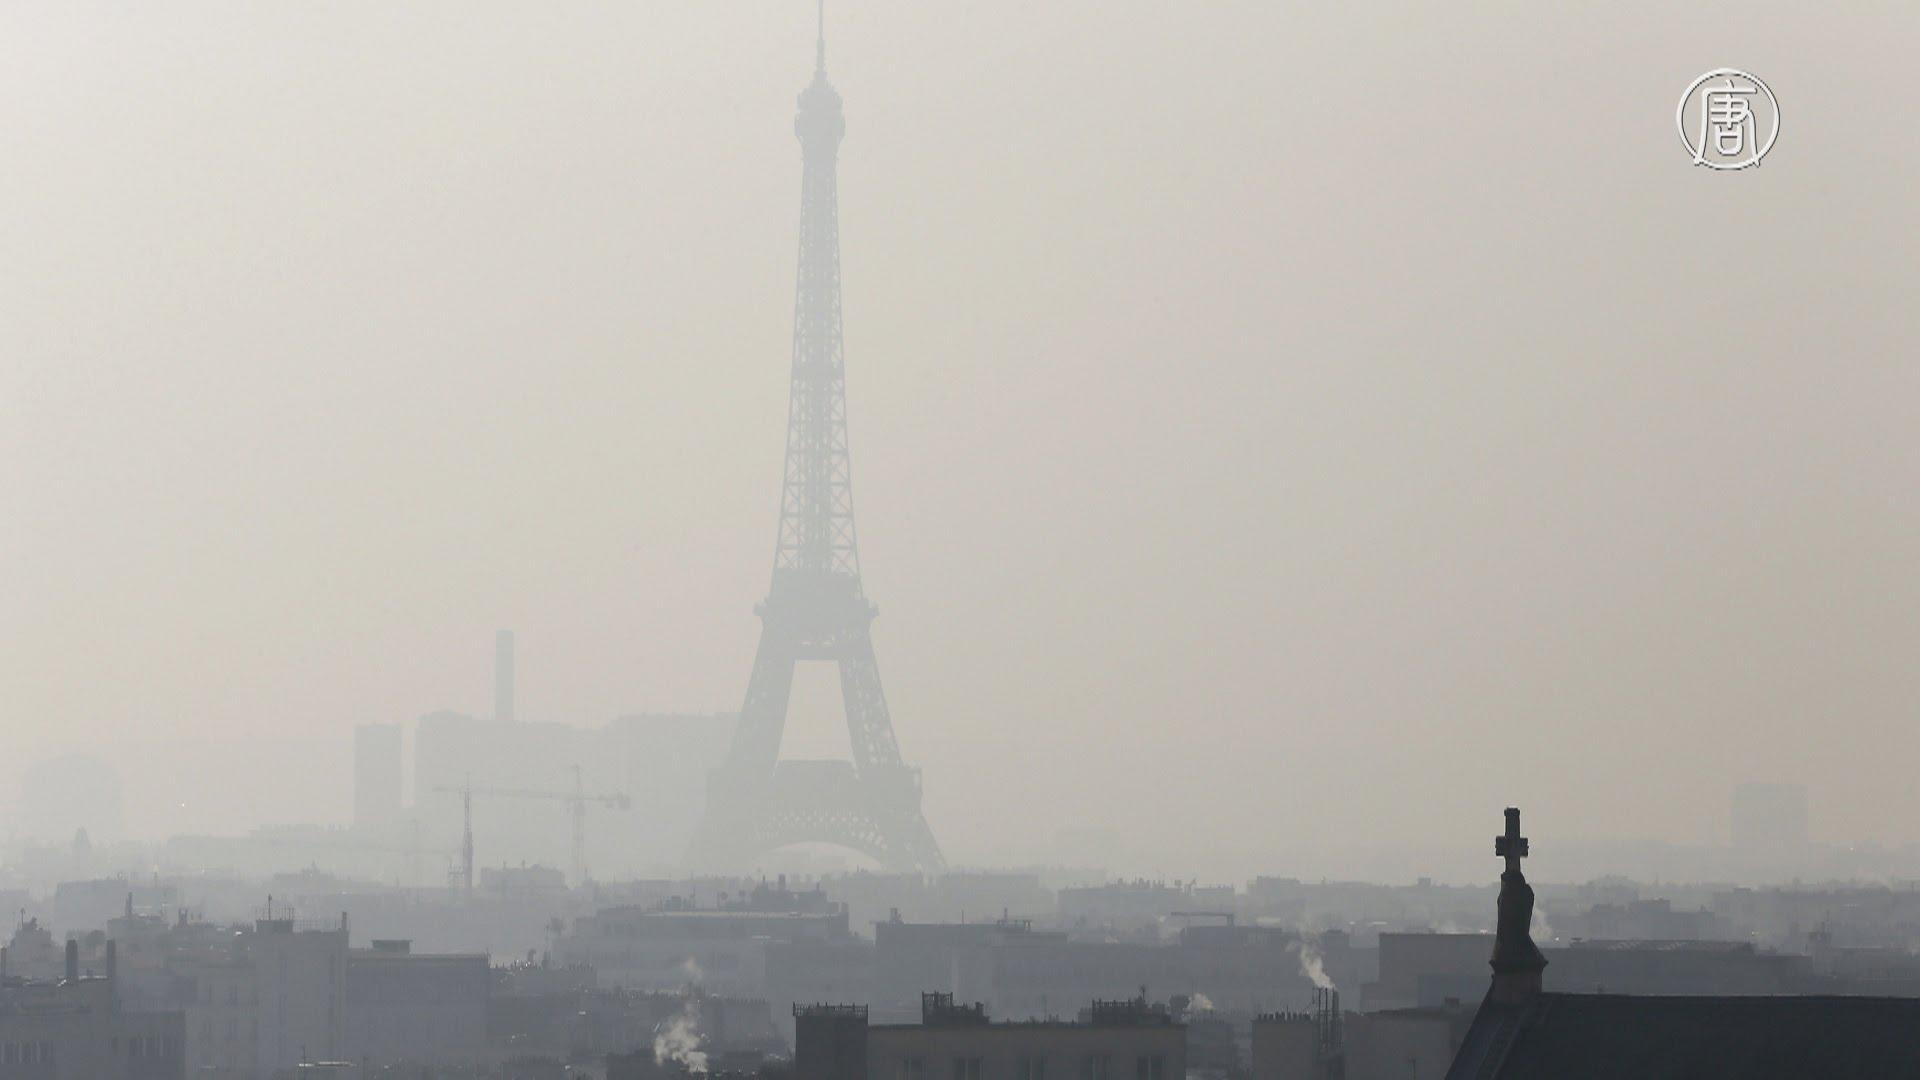 Днем Париж окутан смогом.